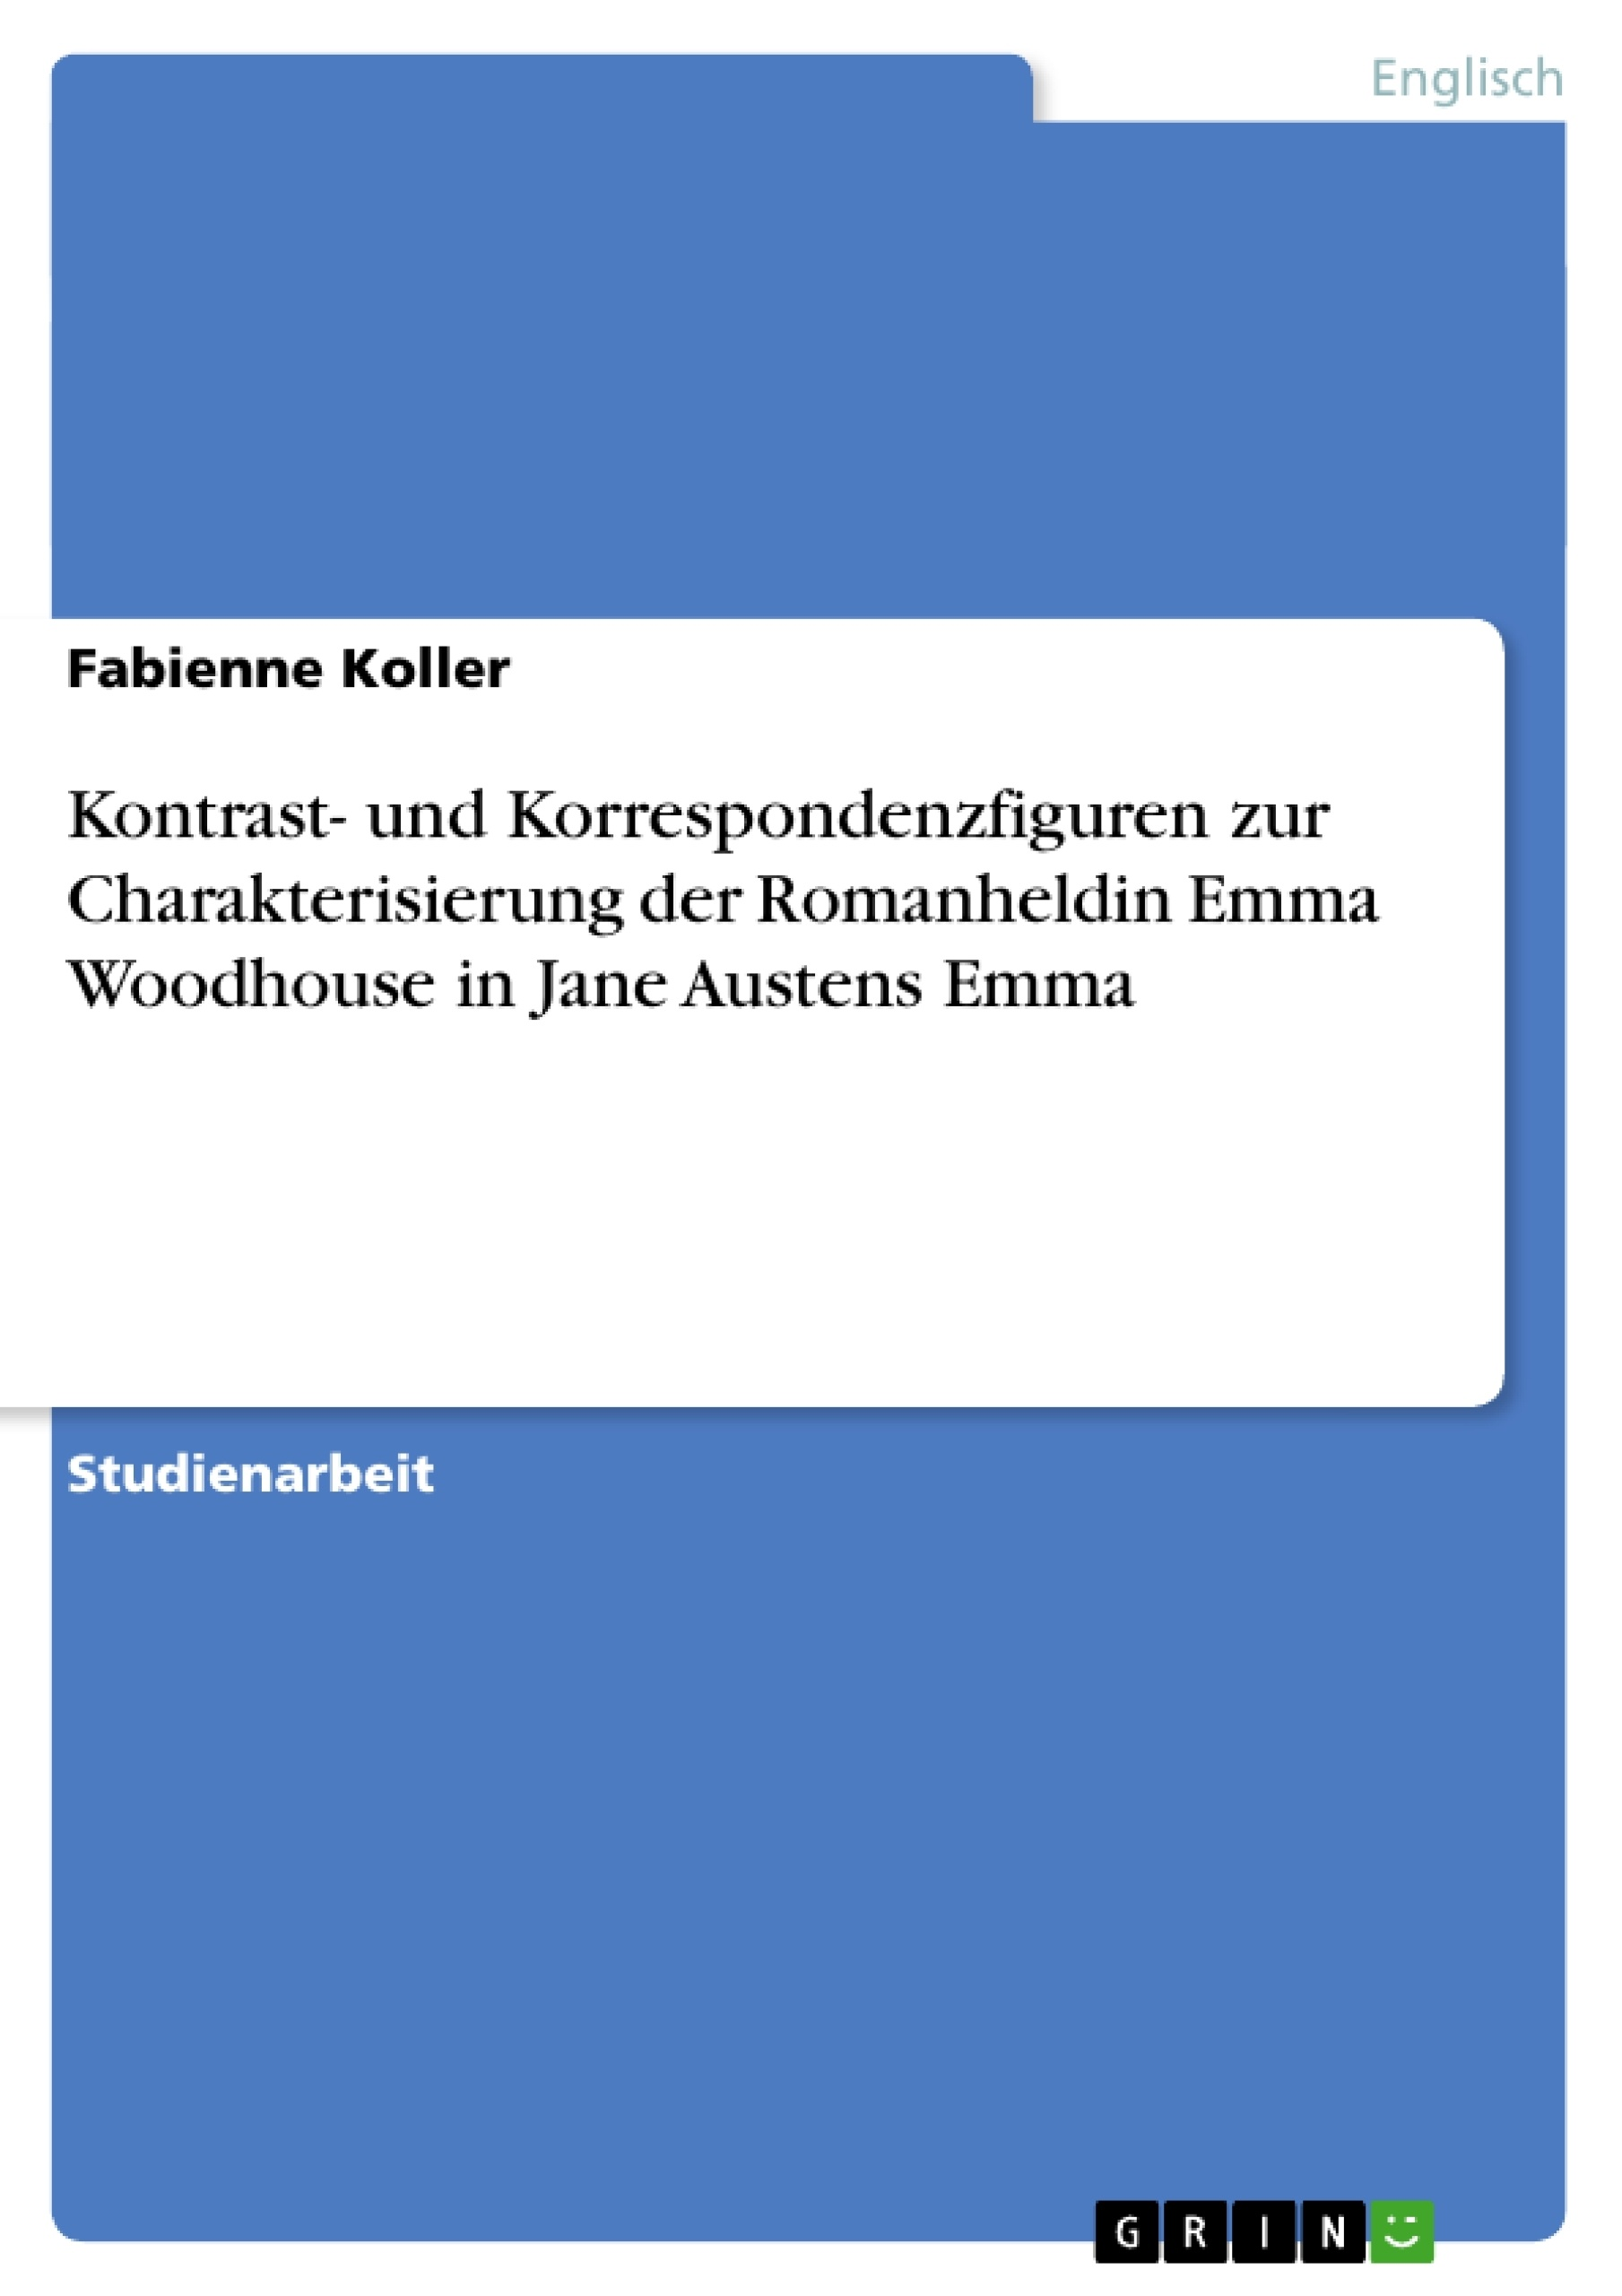 Titel: Kontrast- und Korrespondenzfiguren zur Charakterisierung der Romanheldin Emma Woodhouse in Jane Austens Emma